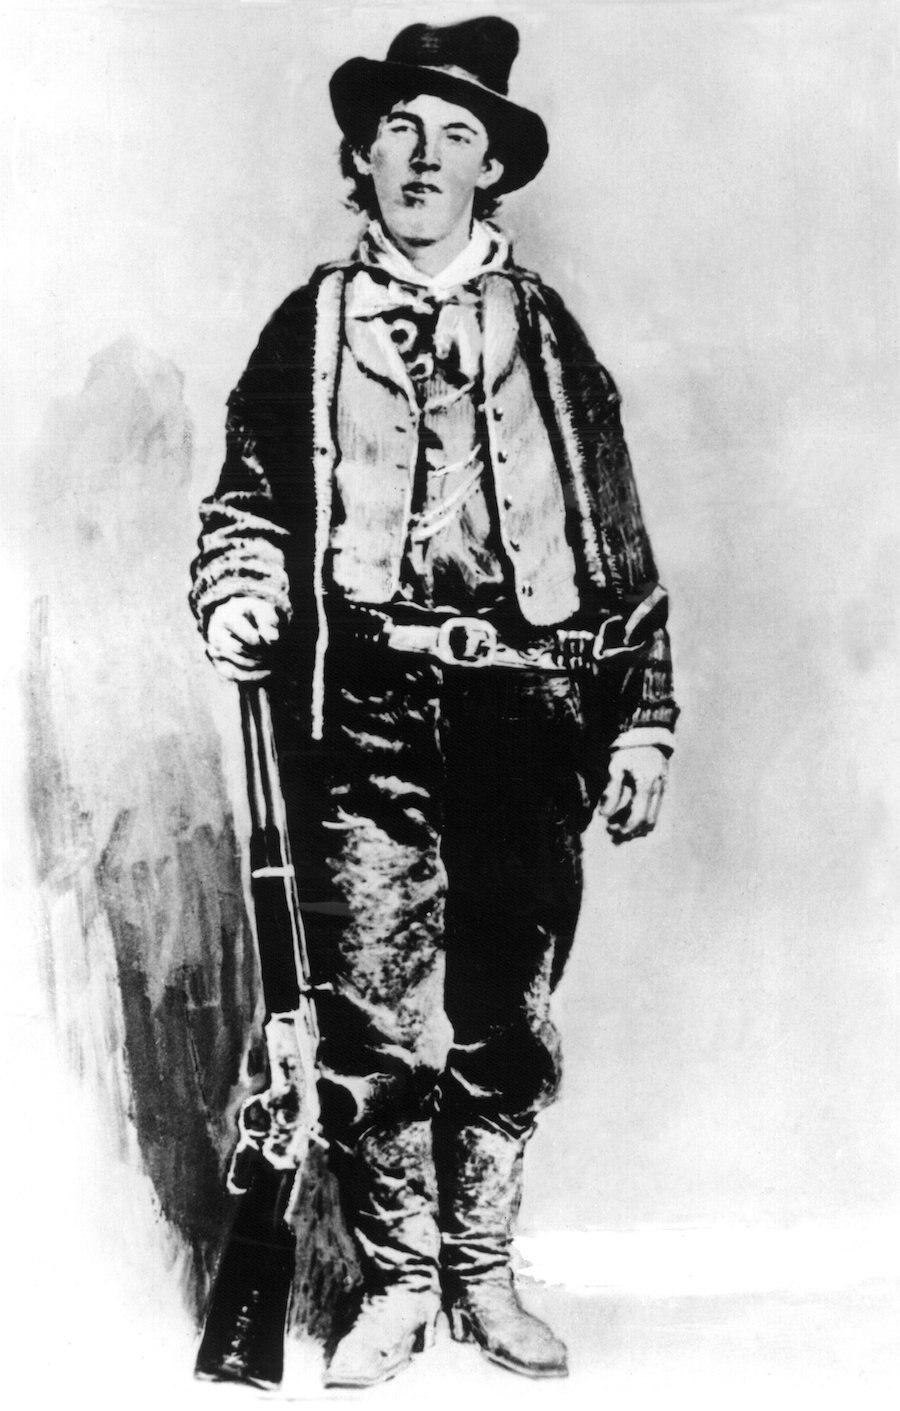 Zeitgenössische Darstellung des legendären amerikanischen Western- und Revolverhelden Billy the Kid